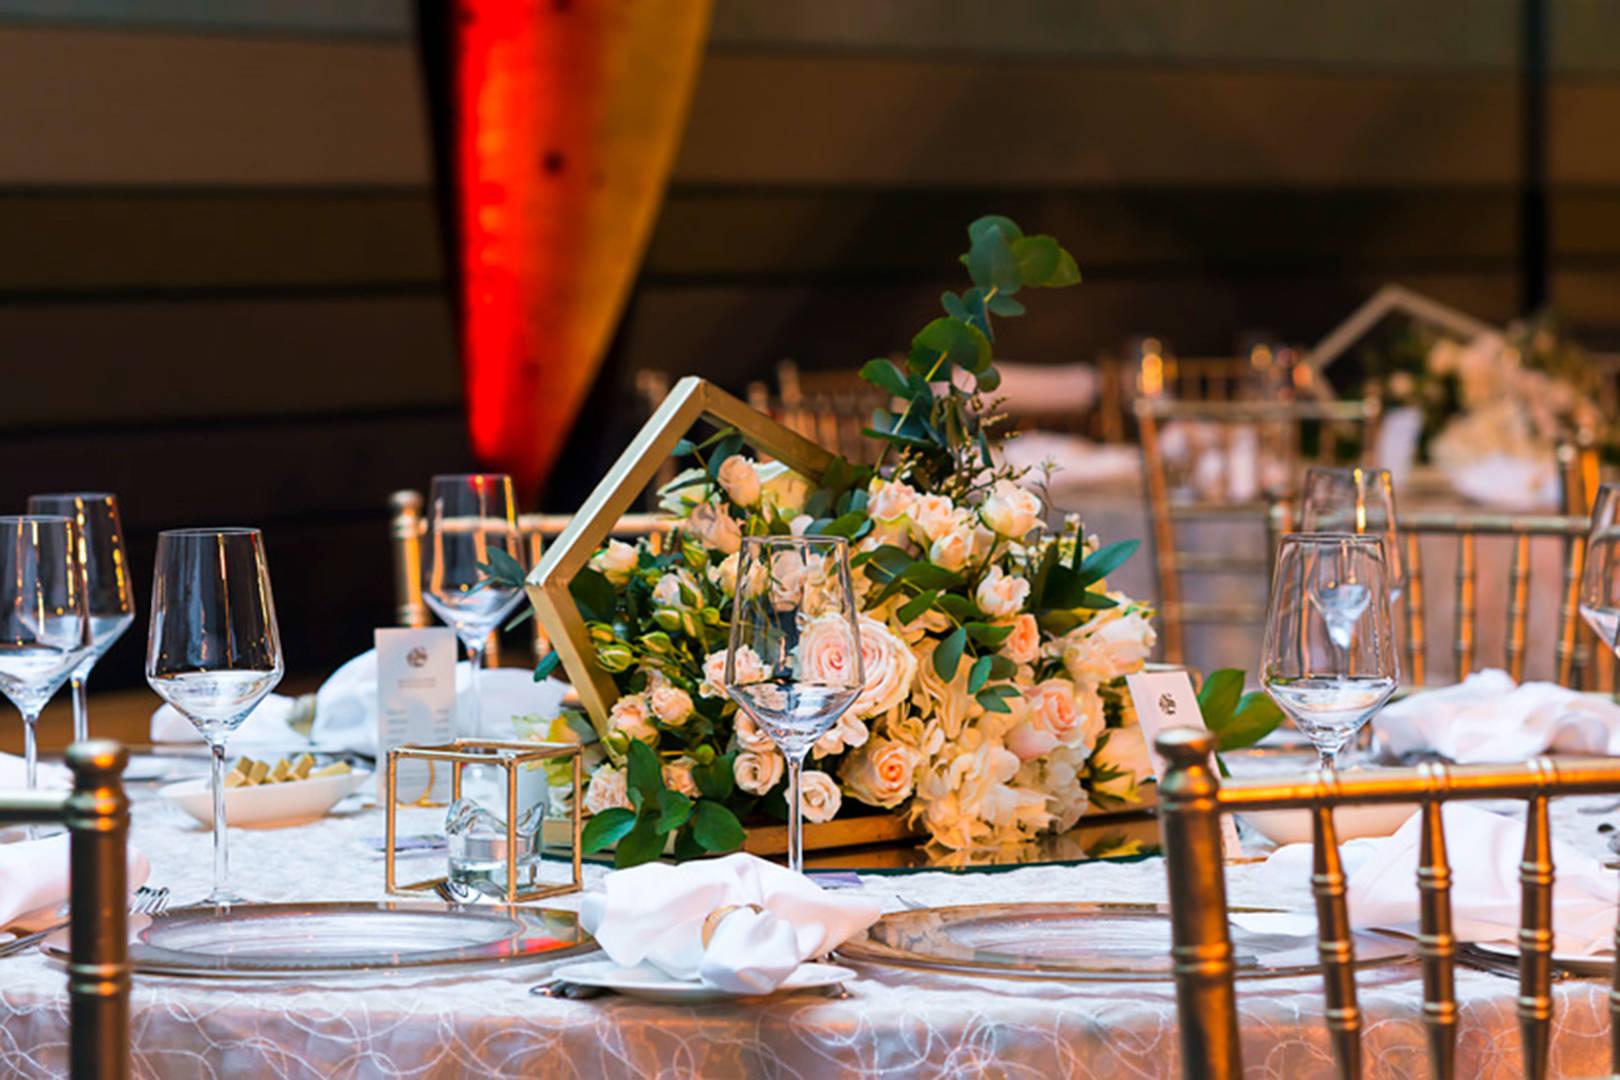 https://cdn.jumeirah.com/-/mediadh/DH/Hospitality/Jumeirah/Occasion/Dubai/Jumeirah-Beach-Hotel/Safinah-Ballroom/JumeirahBeachHotelSafinahBallroomWedding464.jpg?h=1080&w=1620&hash=295F393F2B4049E61D360537B9BFDF45